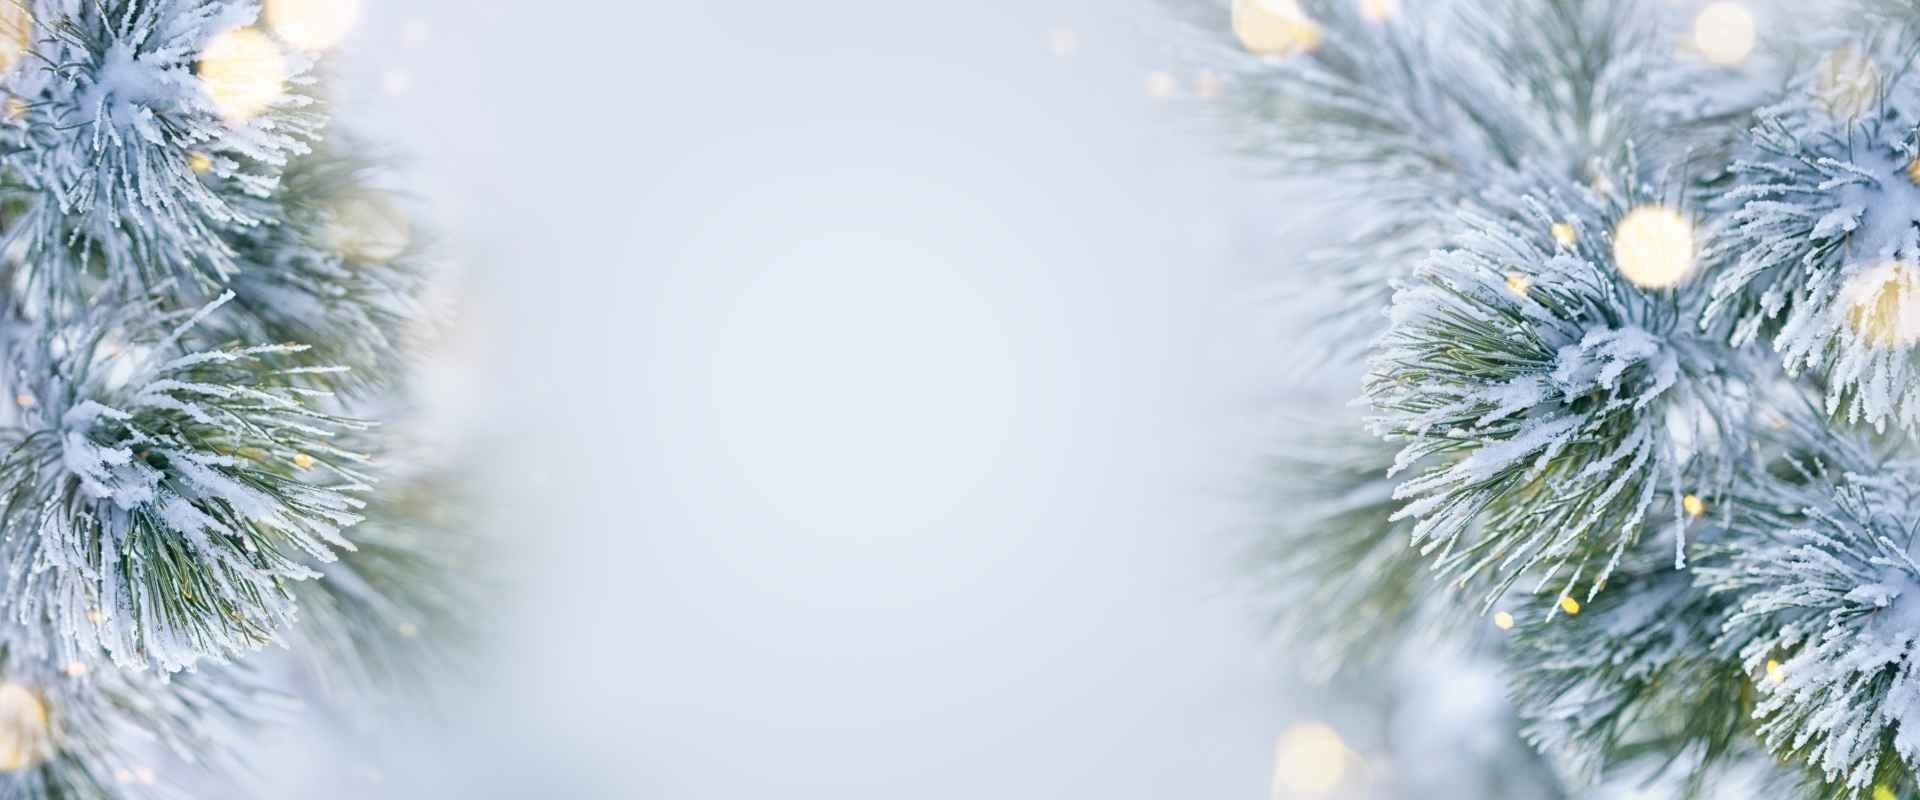 Kerstboom opruimen en kerstspullen opruimen